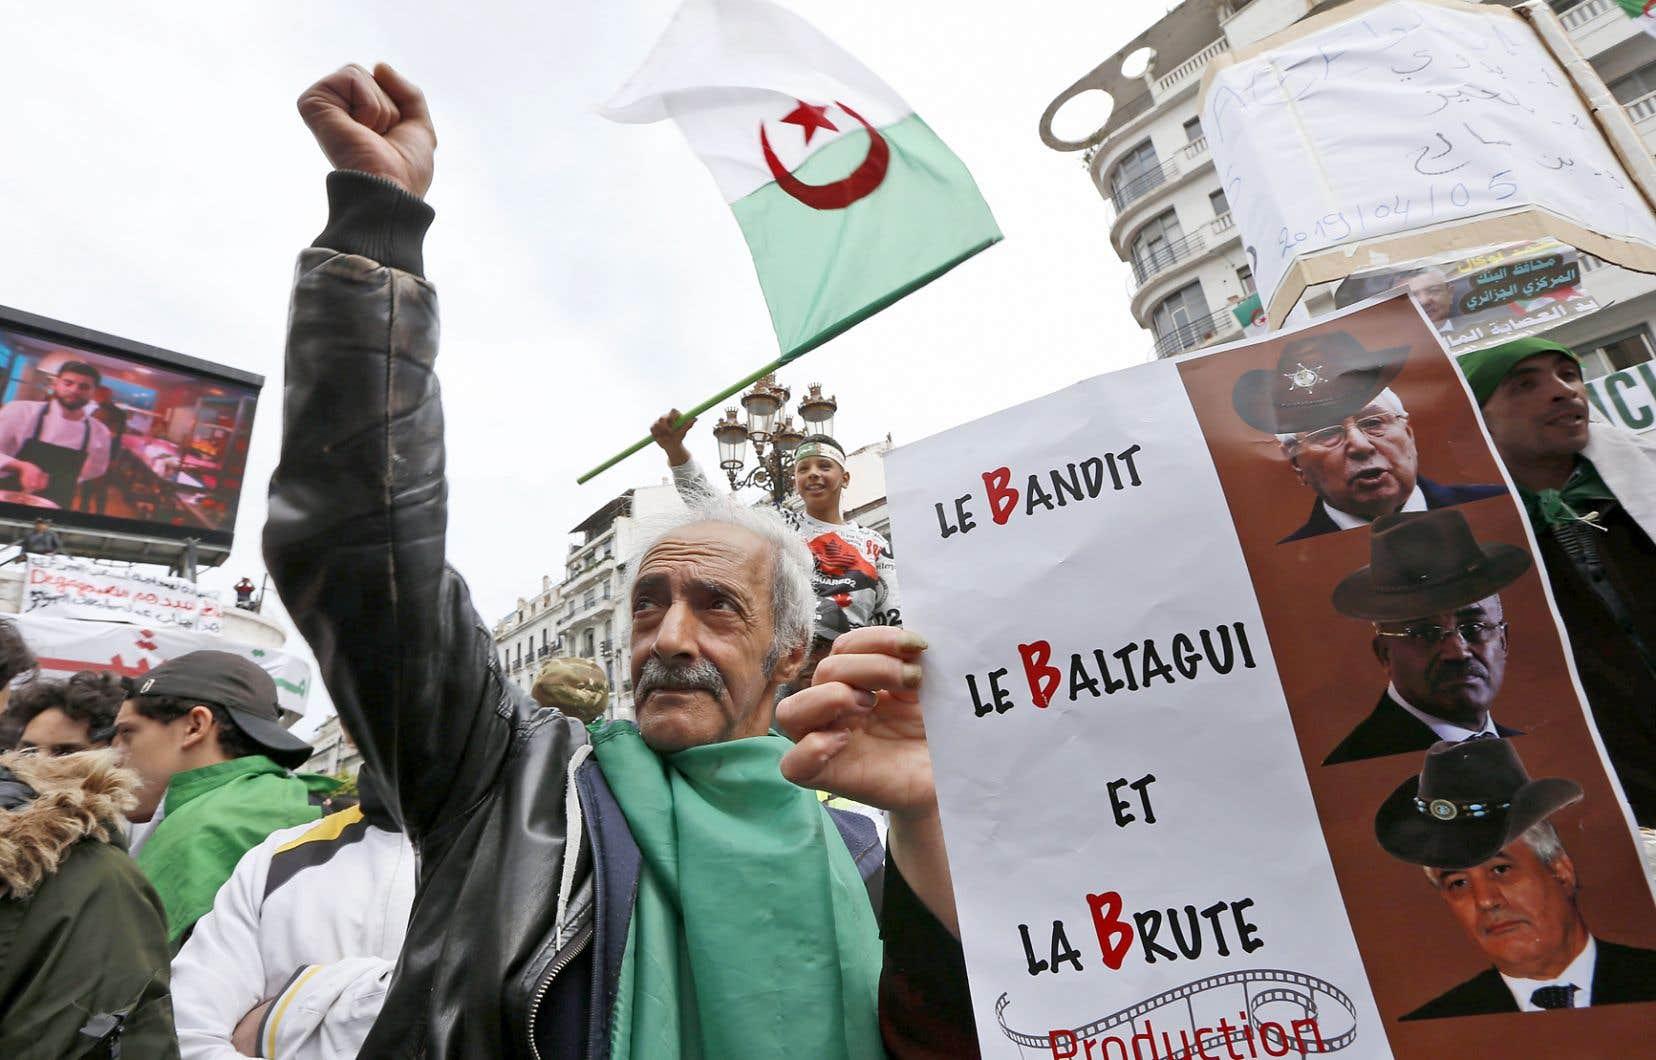 À l'instar de plusieurs contestataires, un manifestant à Alger exige le départ de trois hauts dirigeants de l'ex-régime Bouteflika.